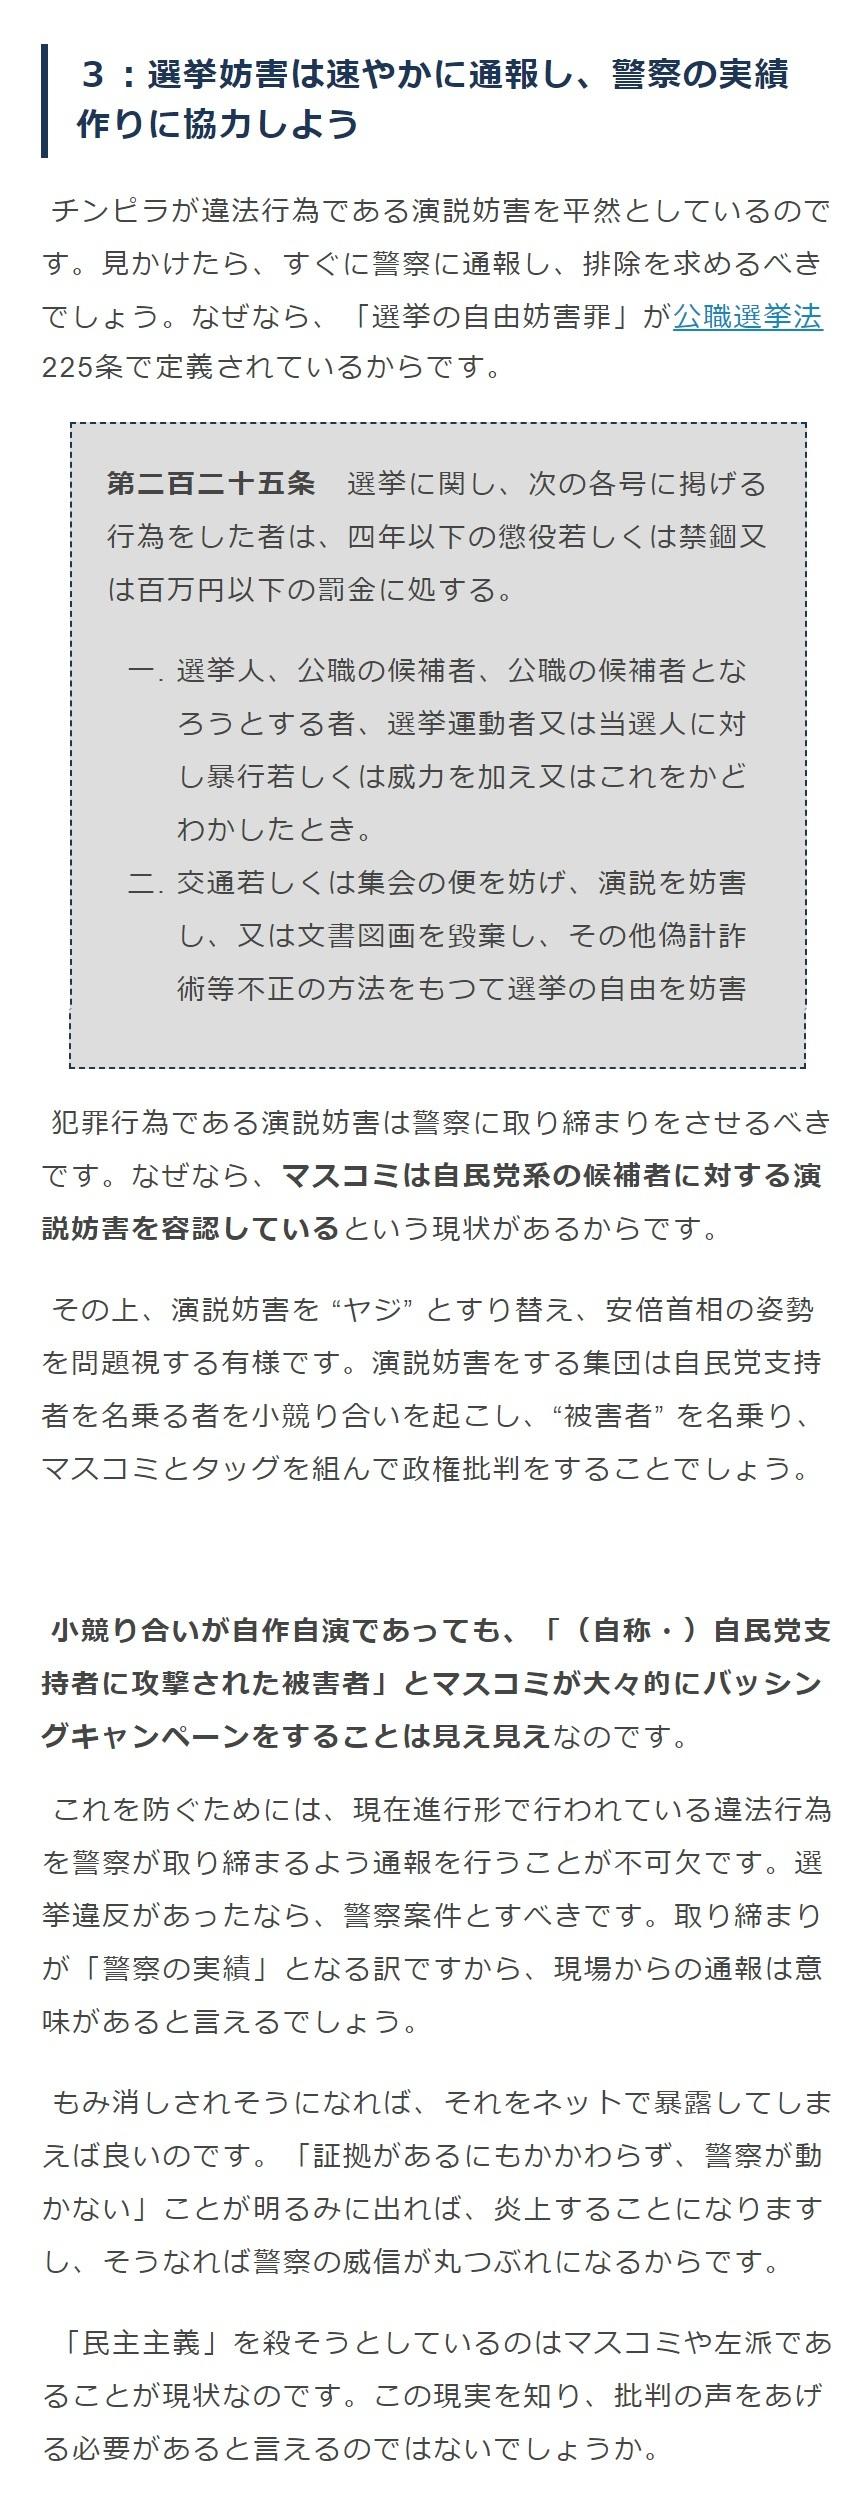 アカシナ朝鮮勢力による選挙犯罪を許すな2